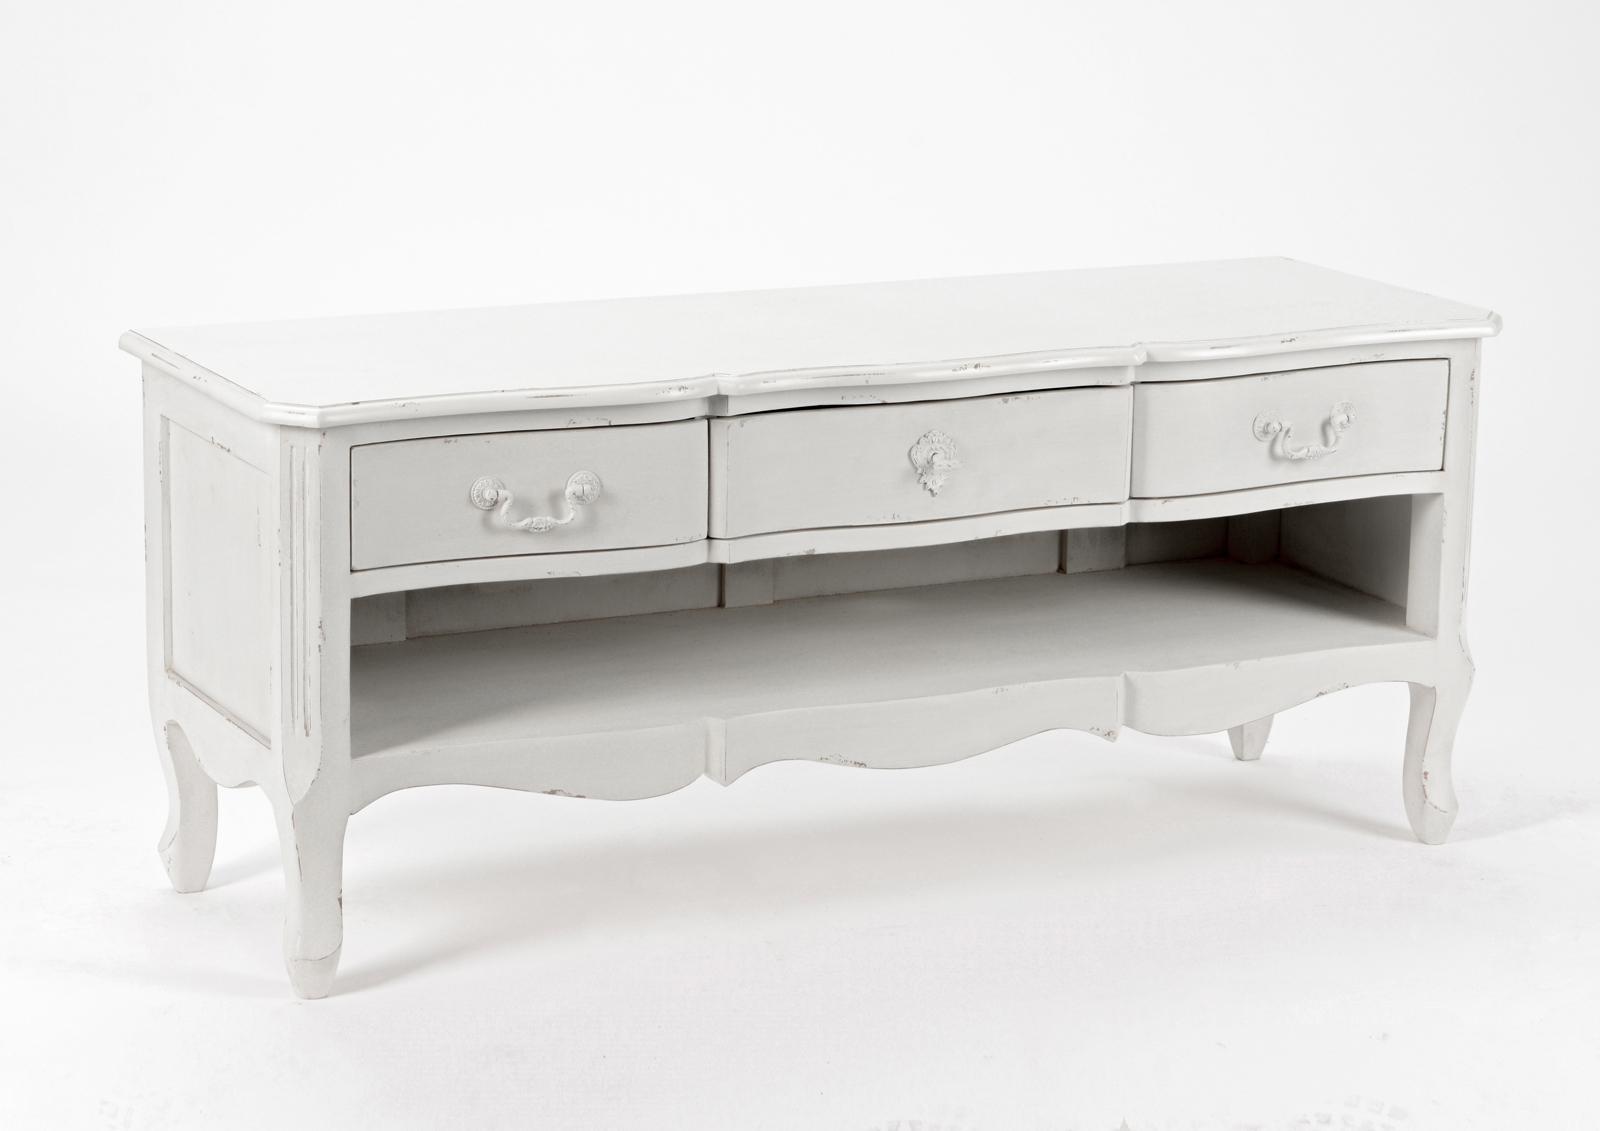 meuble tv romantique 3 tiroirs 1 niche harpe l 120 x p 40 x h 50 creme antique vieilli amadeus